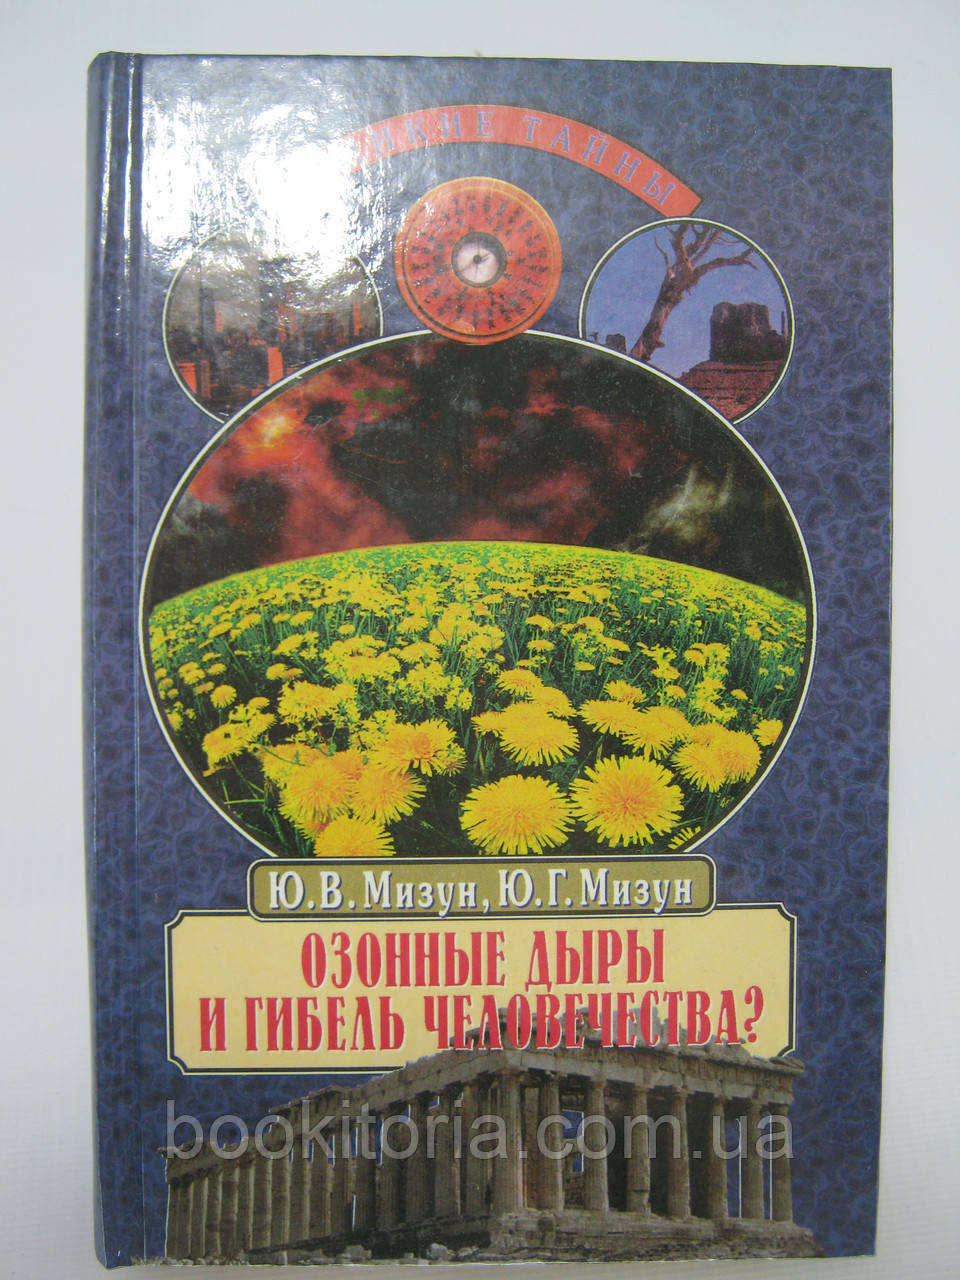 Мизун Ю.В., Мизун Ю.Г. Озонные дыры и гибель человечества (б/у).